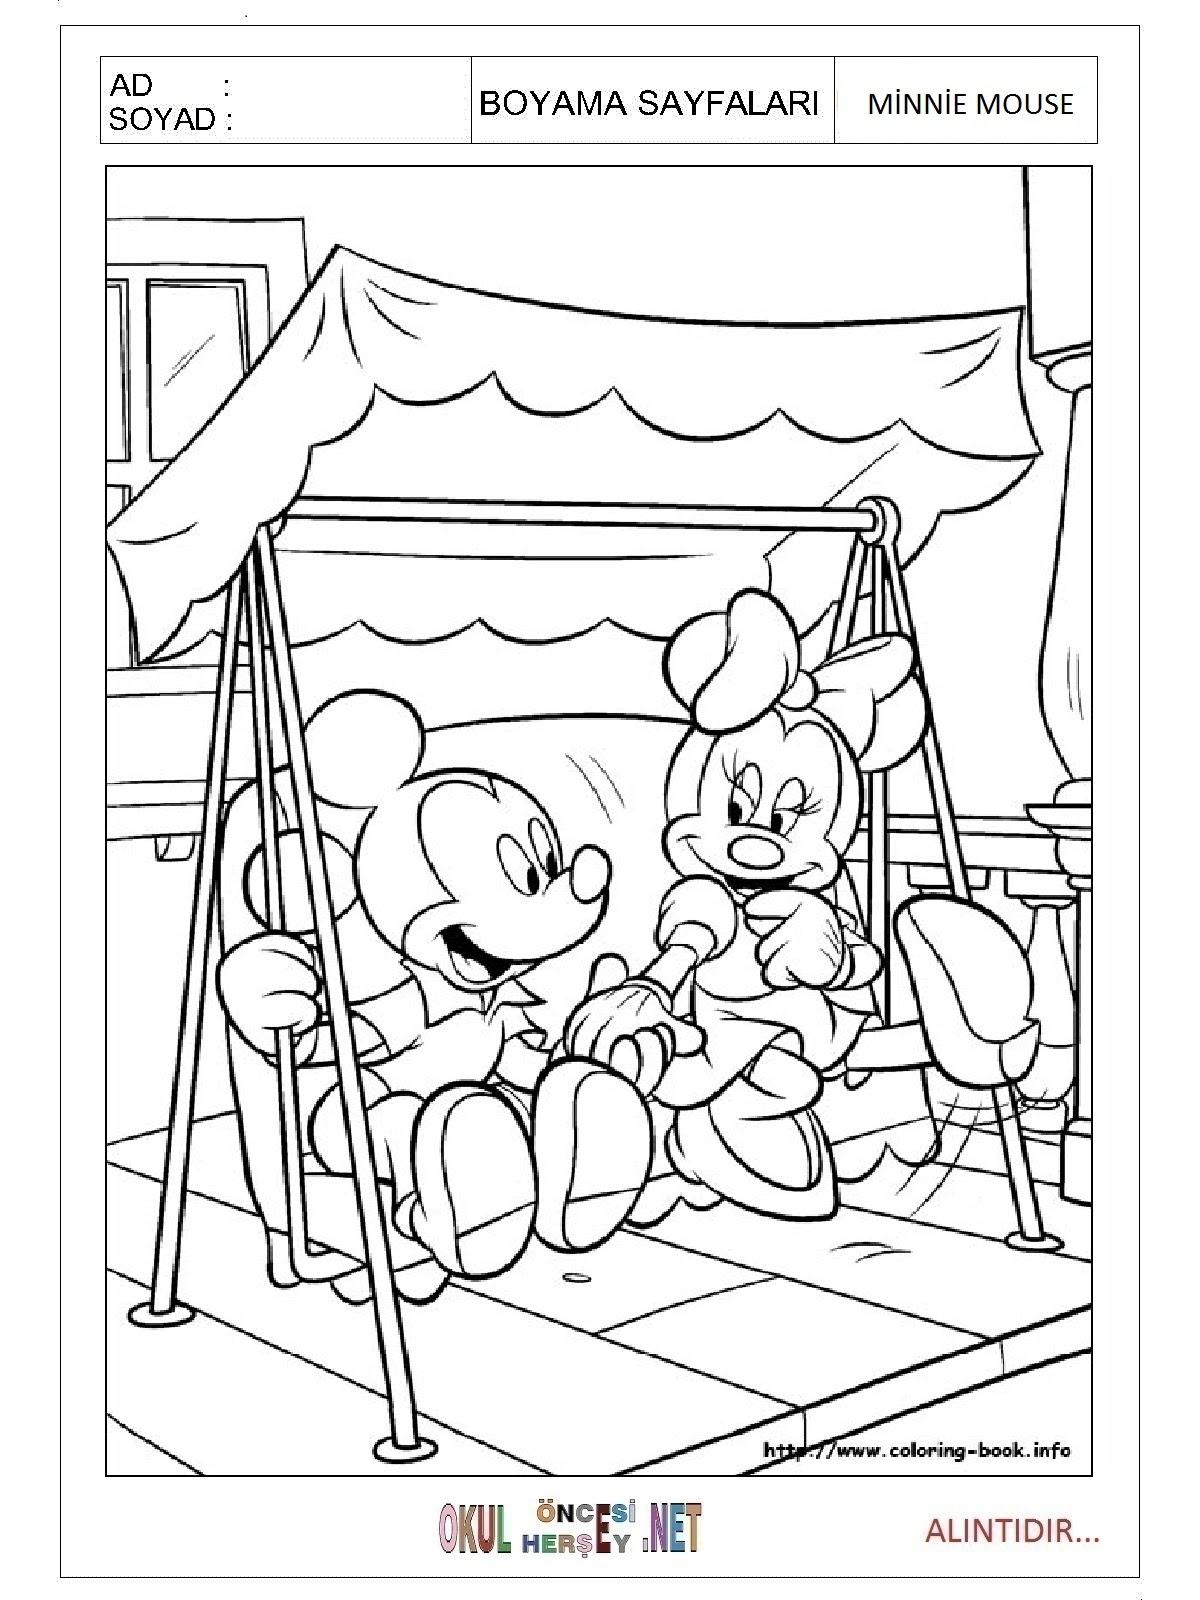 50 Harika Minnie Mouse Boyama Resmi Yazdırılabilir Boyama Sayfaları